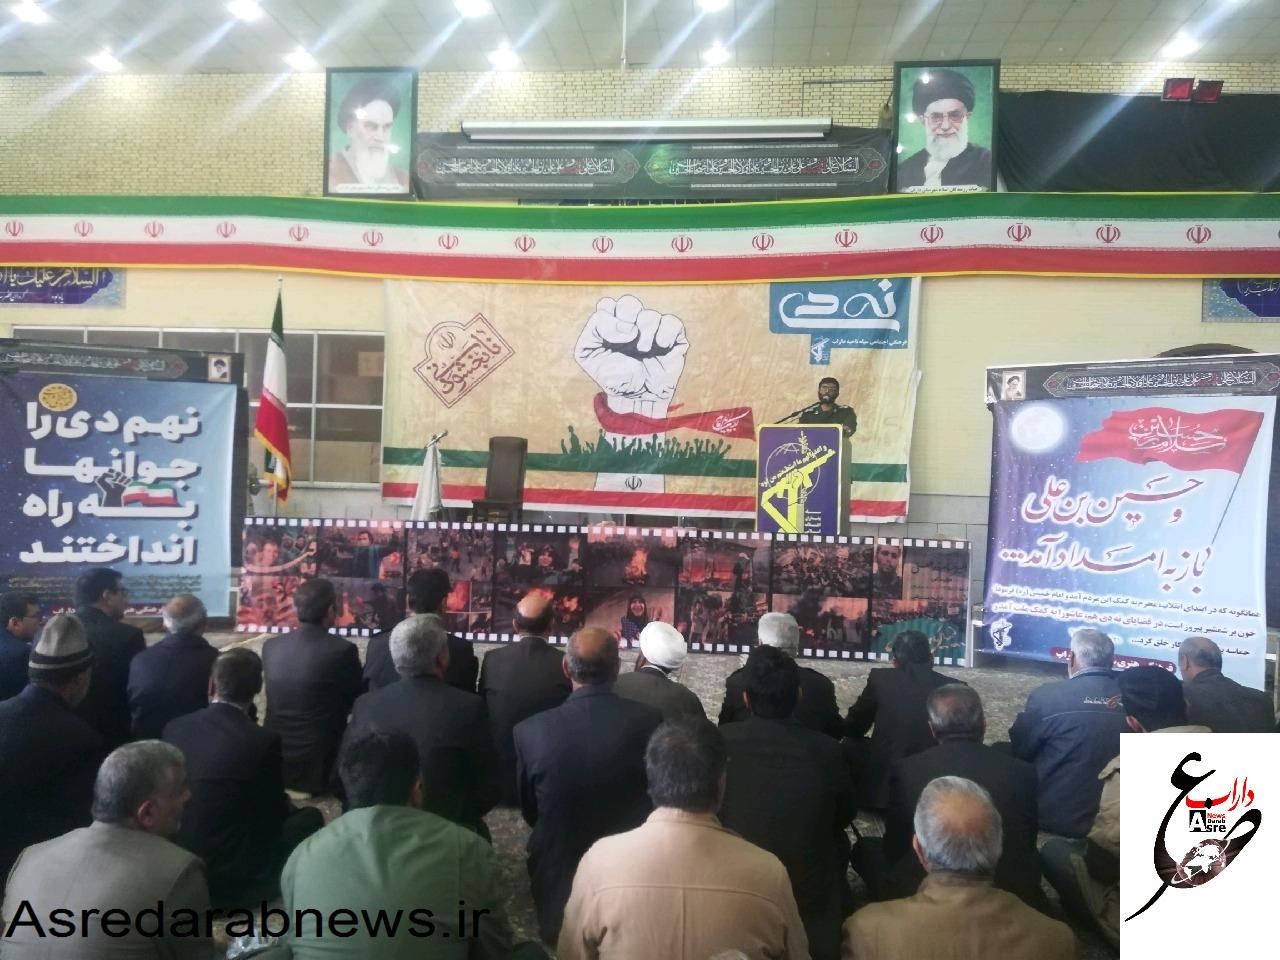 سرهنگ هاشمیان فرمانده سپاه ناحیه داراب: روز ۹ دی، نقطه عطفی در تاریخ انقلاب اسلامی است